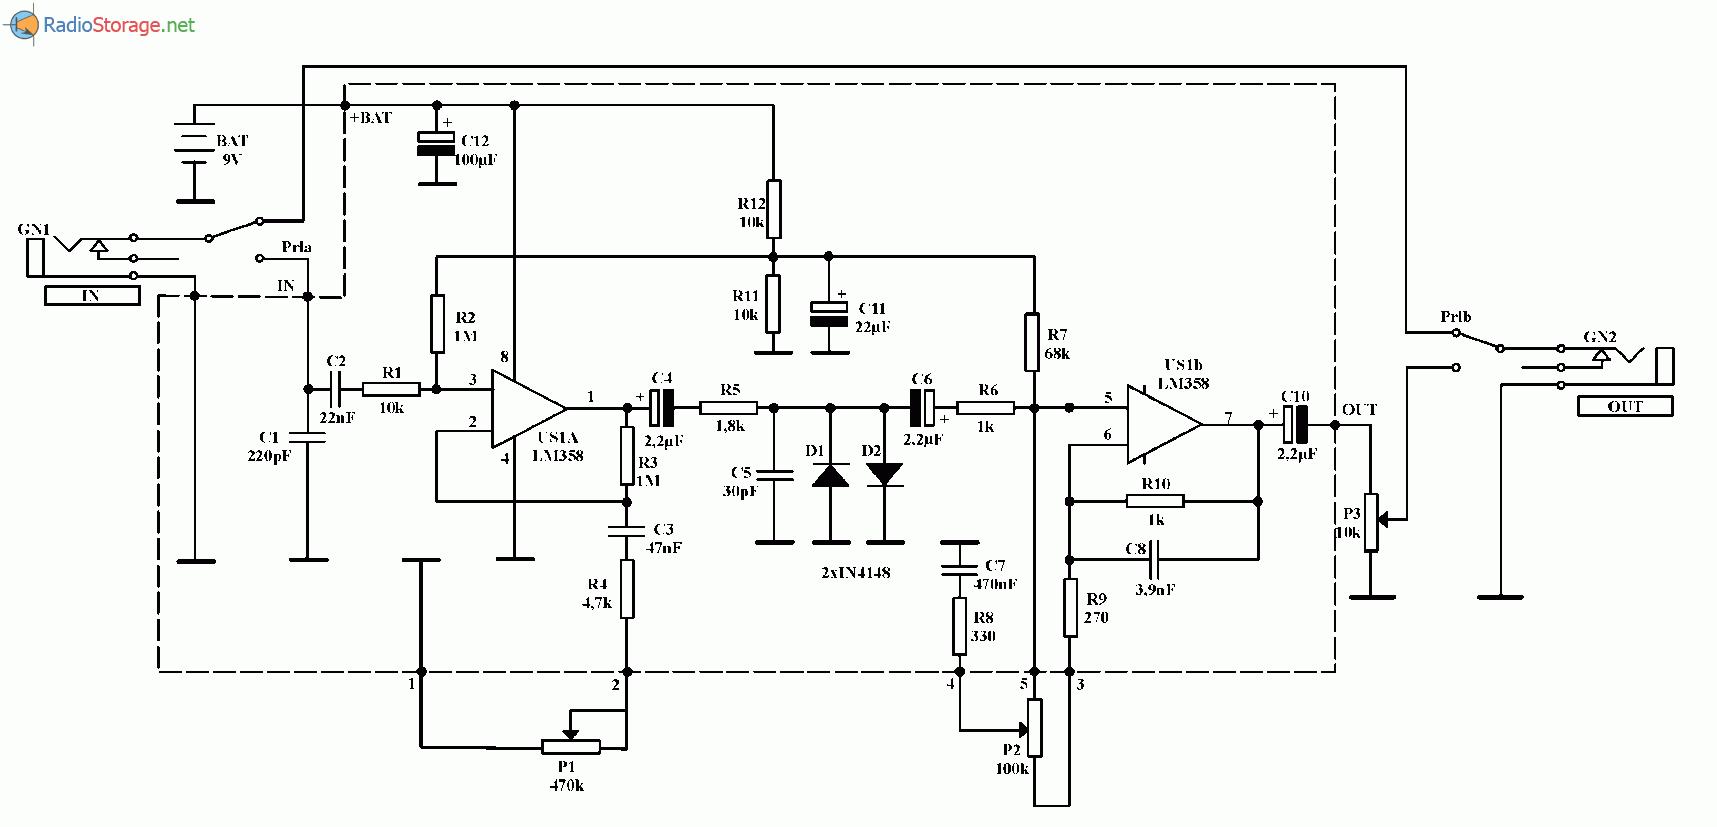 Фуз коробочка эффектов для электрогитары (LM358), схема